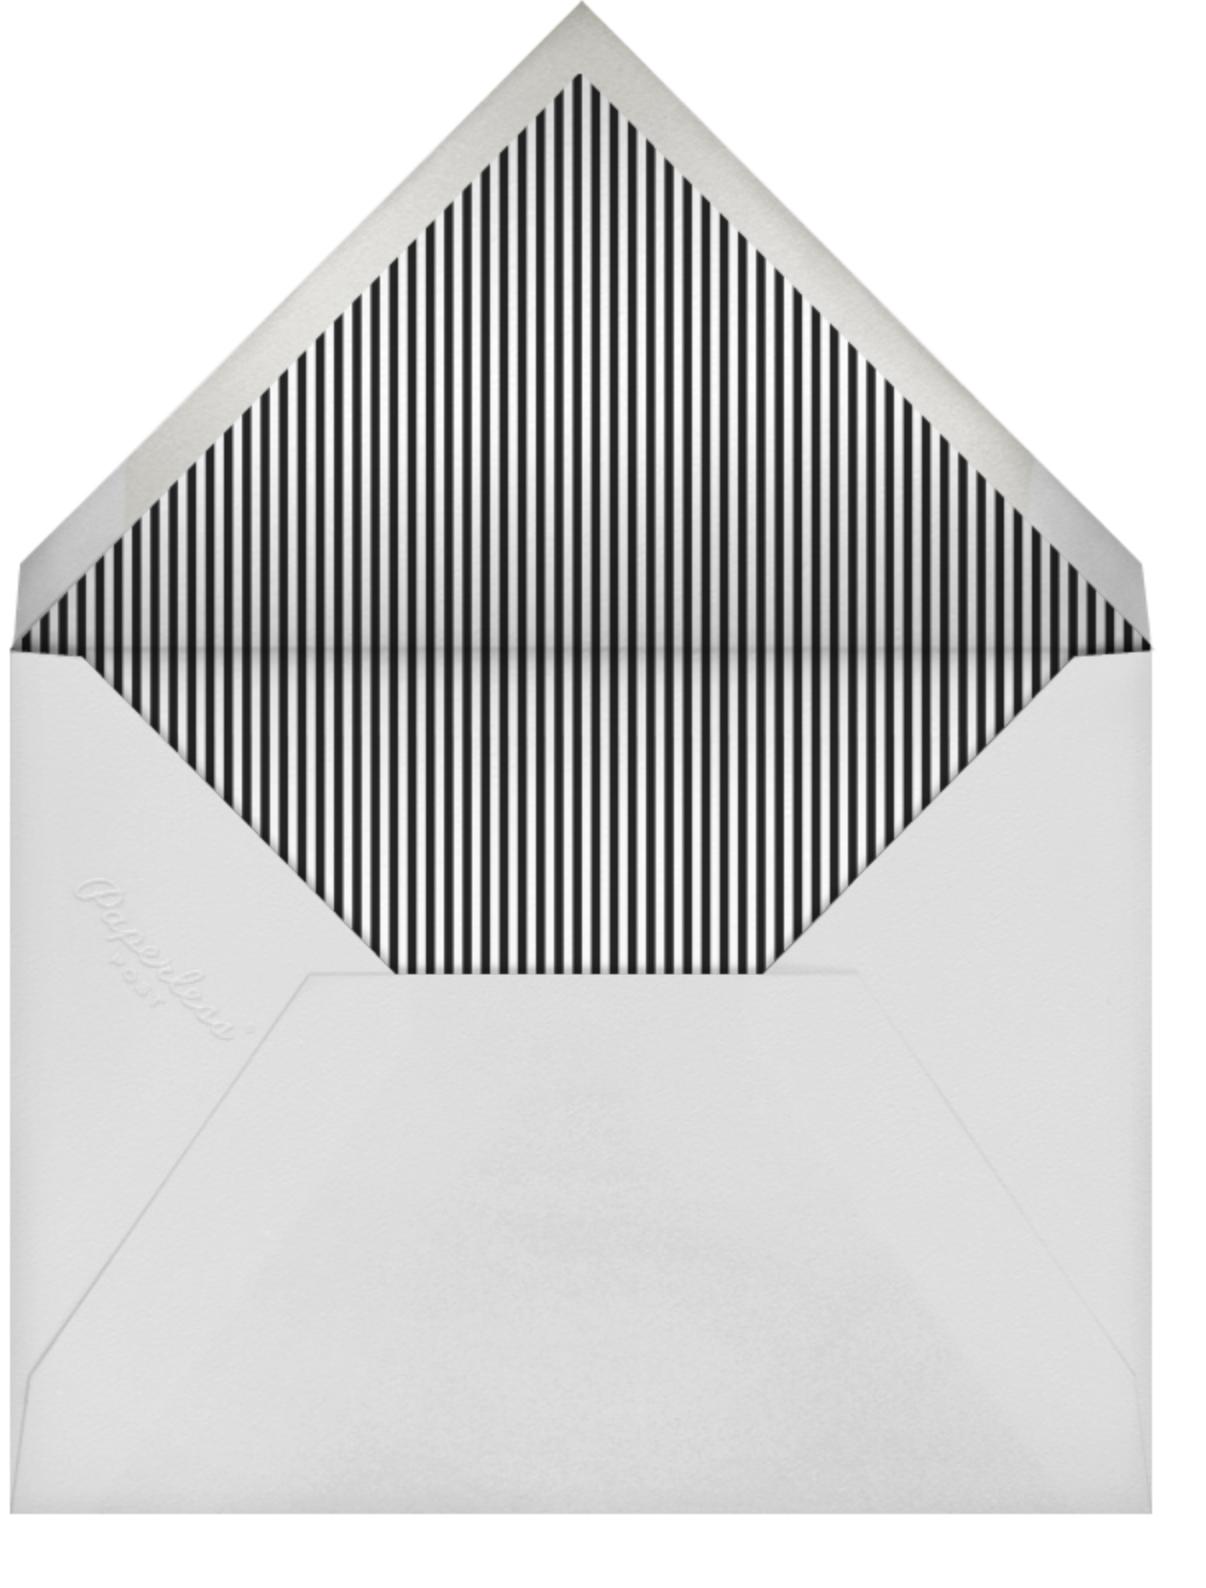 Older and Wiser - Black - Sugar Paper - Adult birthday - envelope back